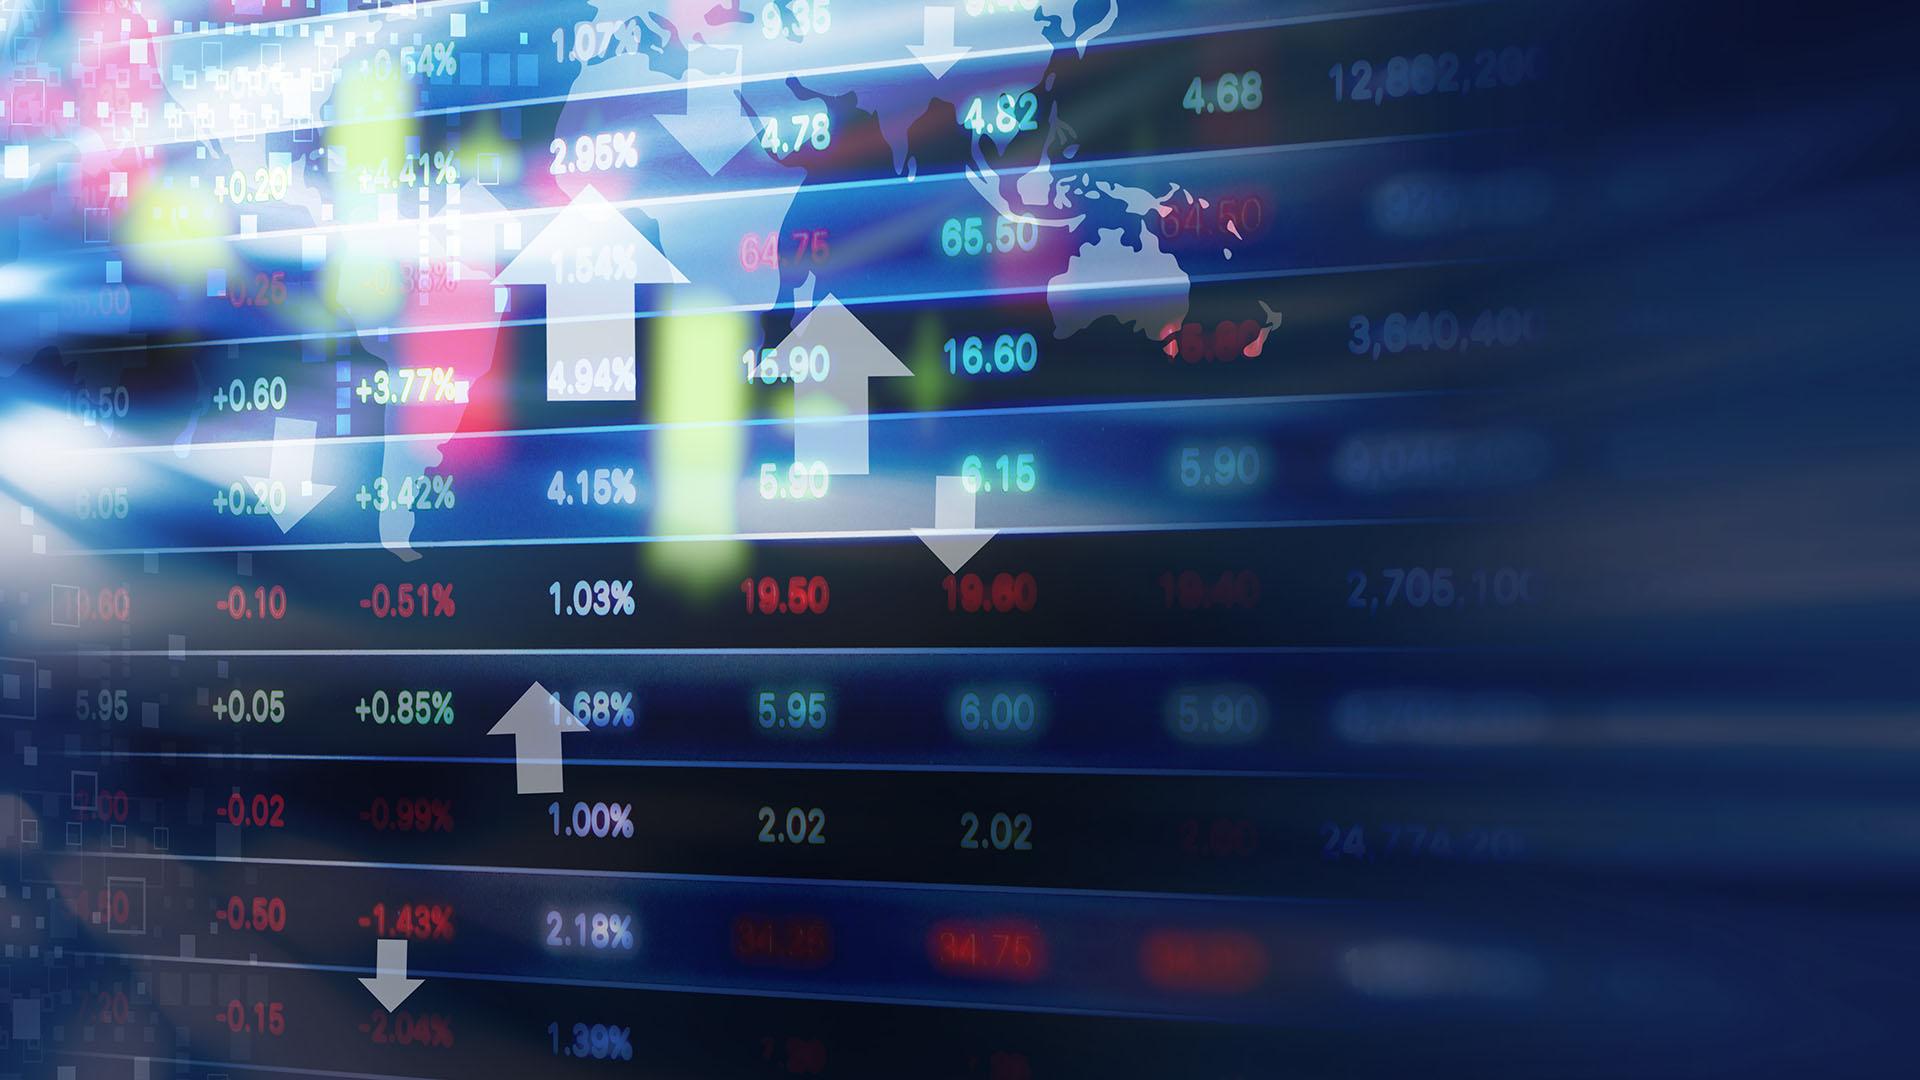 La economía estadounidense registró en el primer trimestre de 2018 un tasa anual de crecimiento del 2,3%, y en las últimas proyecciones del Fondo Monetario Internacional de abril, se situó la expansión estimada para este año en el 2,9%, la más alta de las economías avanzadas